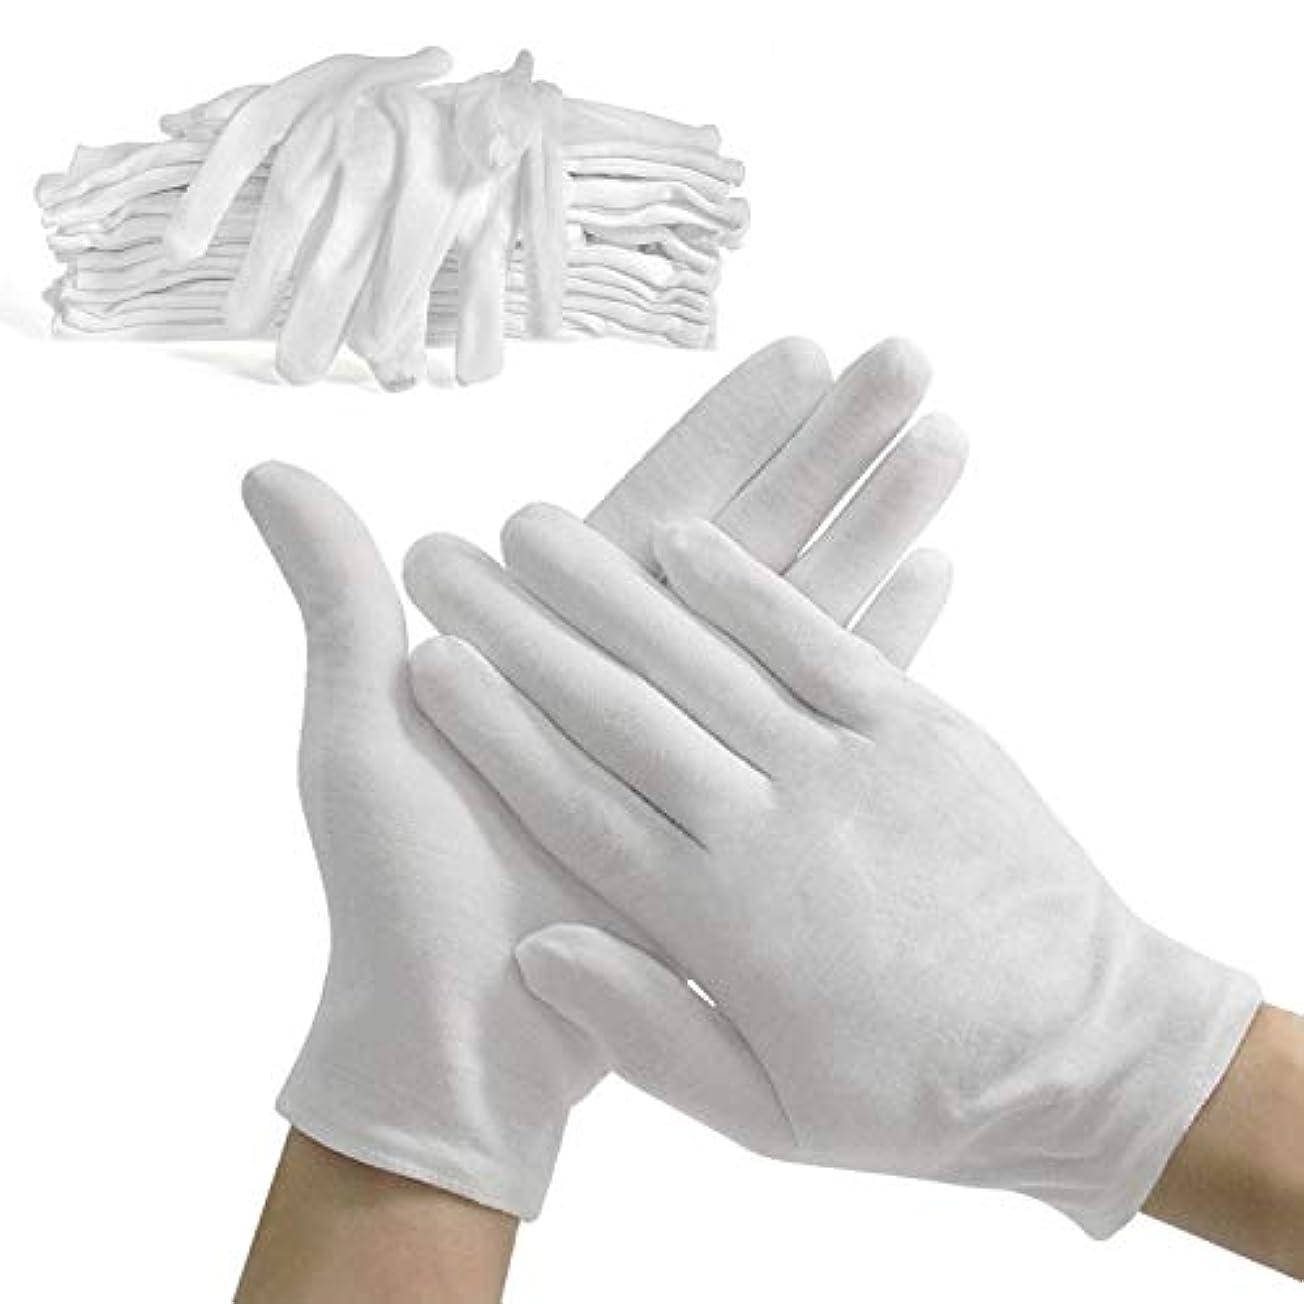 腹サミット請求使い捨て 手袋 コットン手袋 綿手袋 手荒れ 純綿100% 使い捨て 白手袋 薄手 お休み 湿疹 乾燥肌 保湿 礼装用 メンズ 手袋 レディース (M,梱包数量100組(200)) (M,梱包数量100組(200))